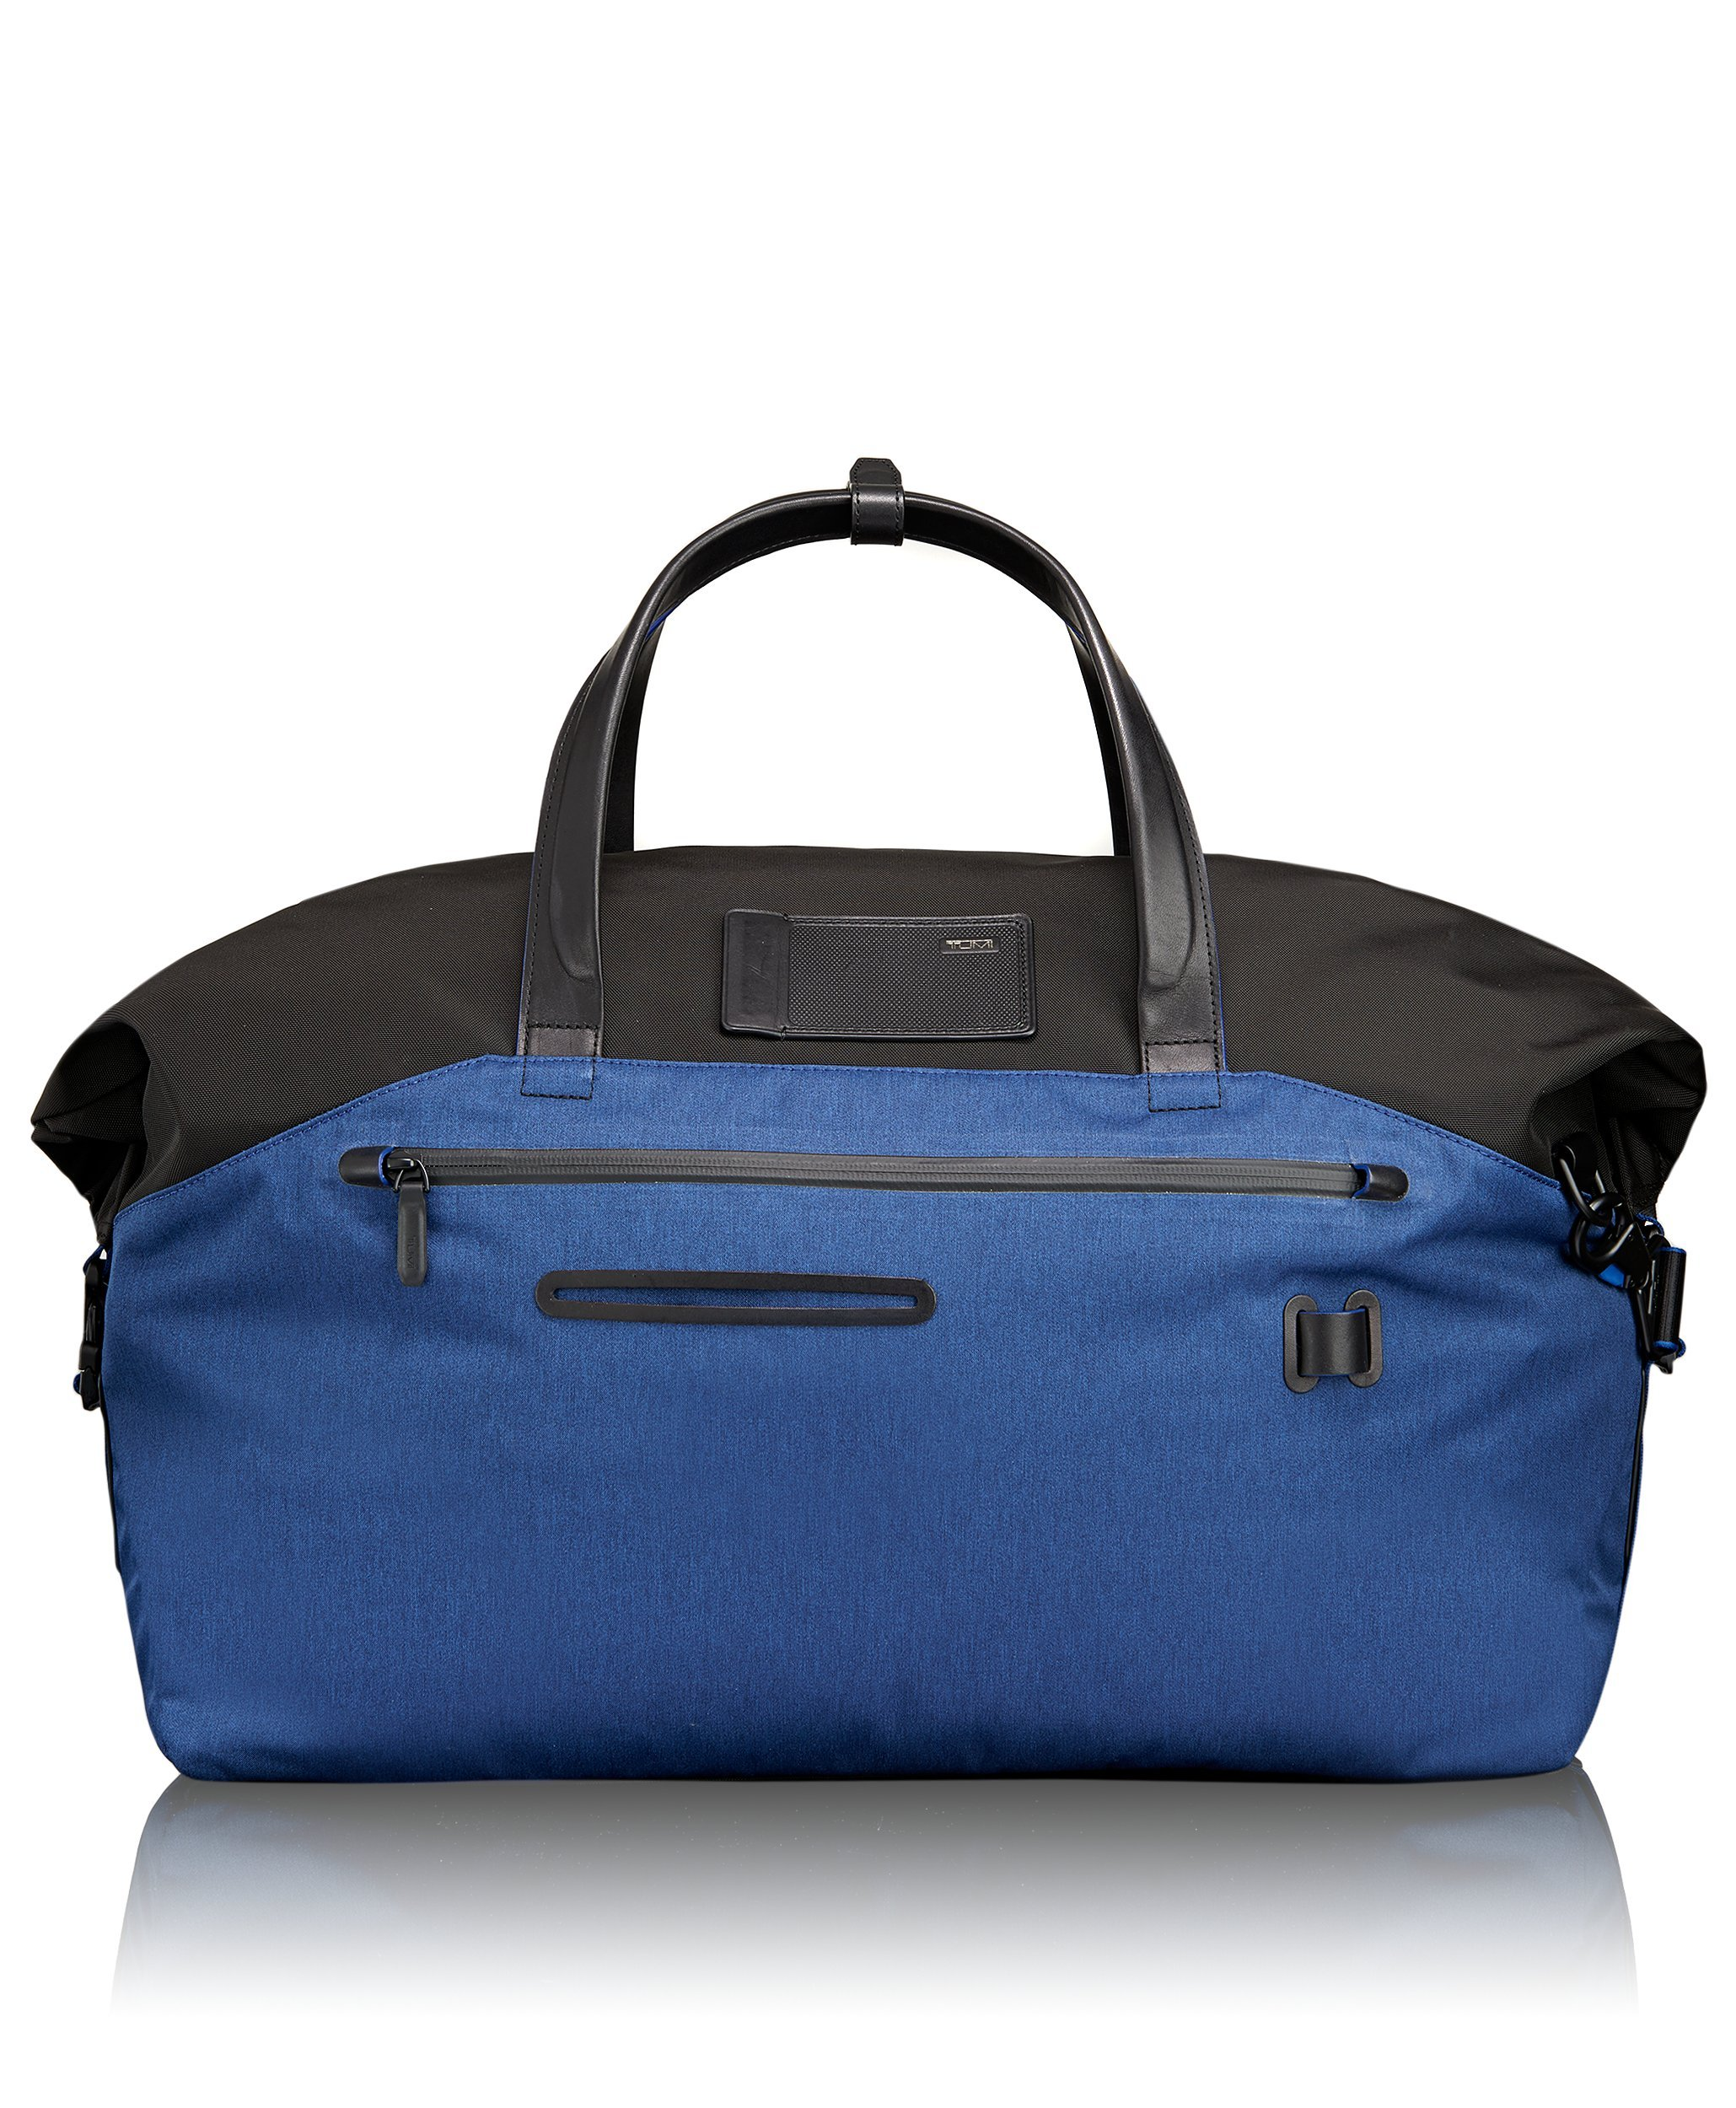 Tumi Tahoe Regency Roll Top Weekender Luggage, Blue by Tumi